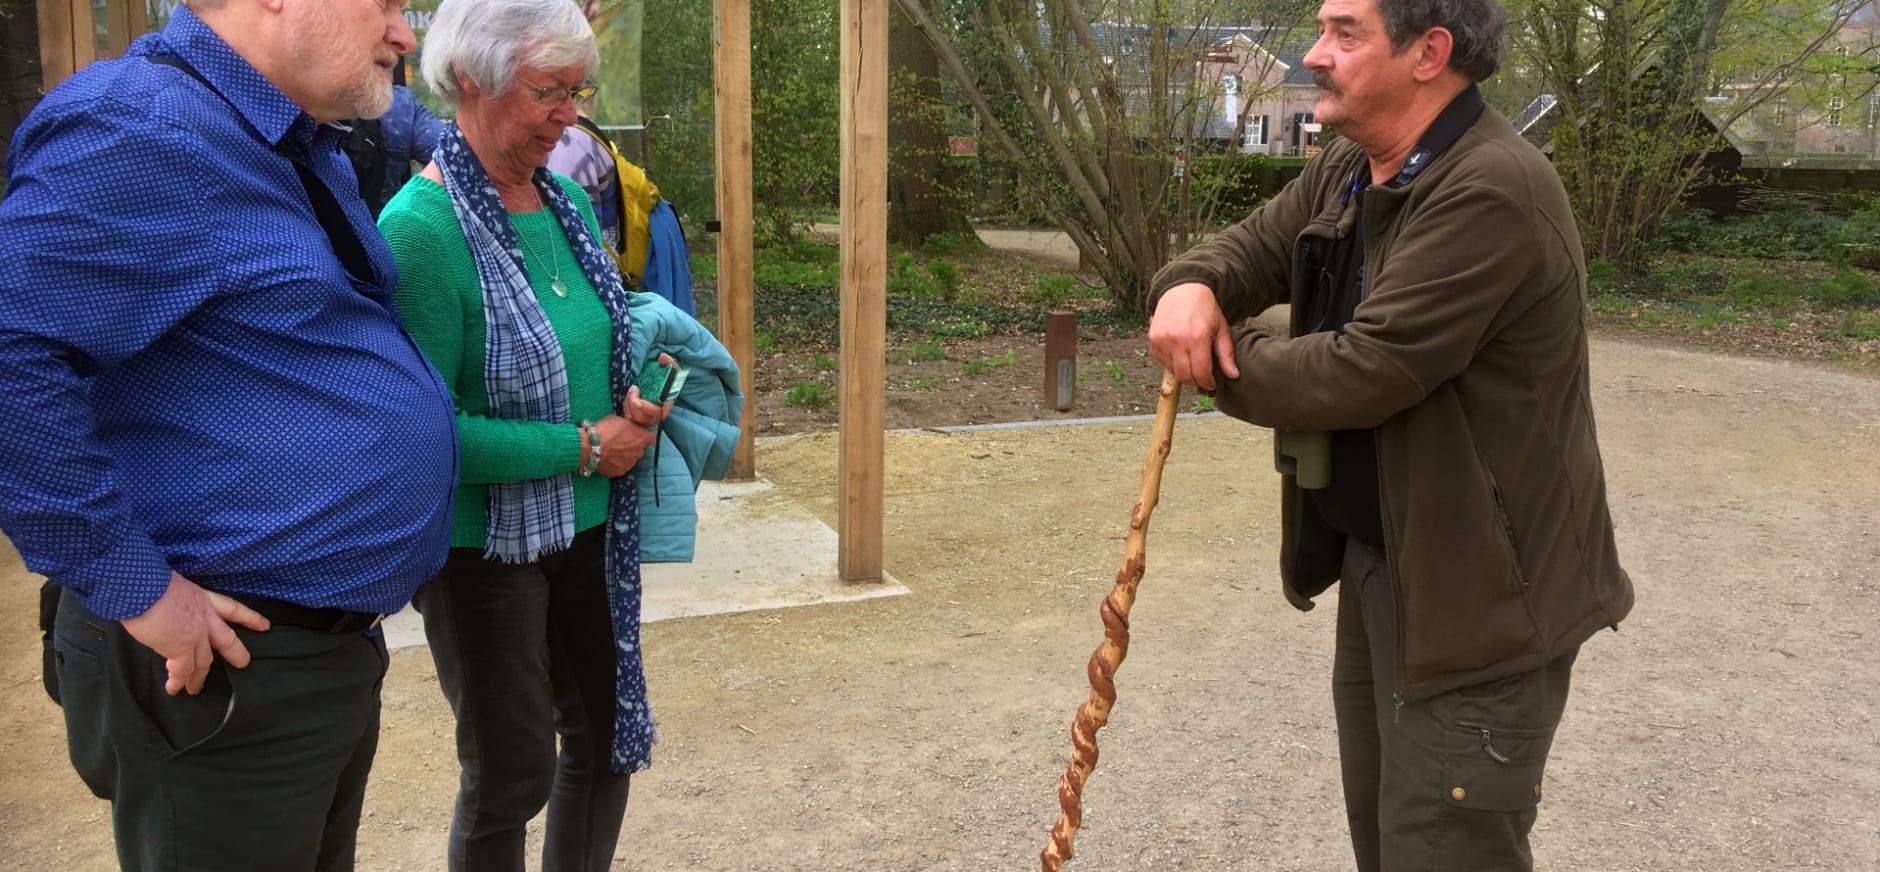 Boswachter Ronald met zijn kenmerkende stok in gesprek met bezoekers